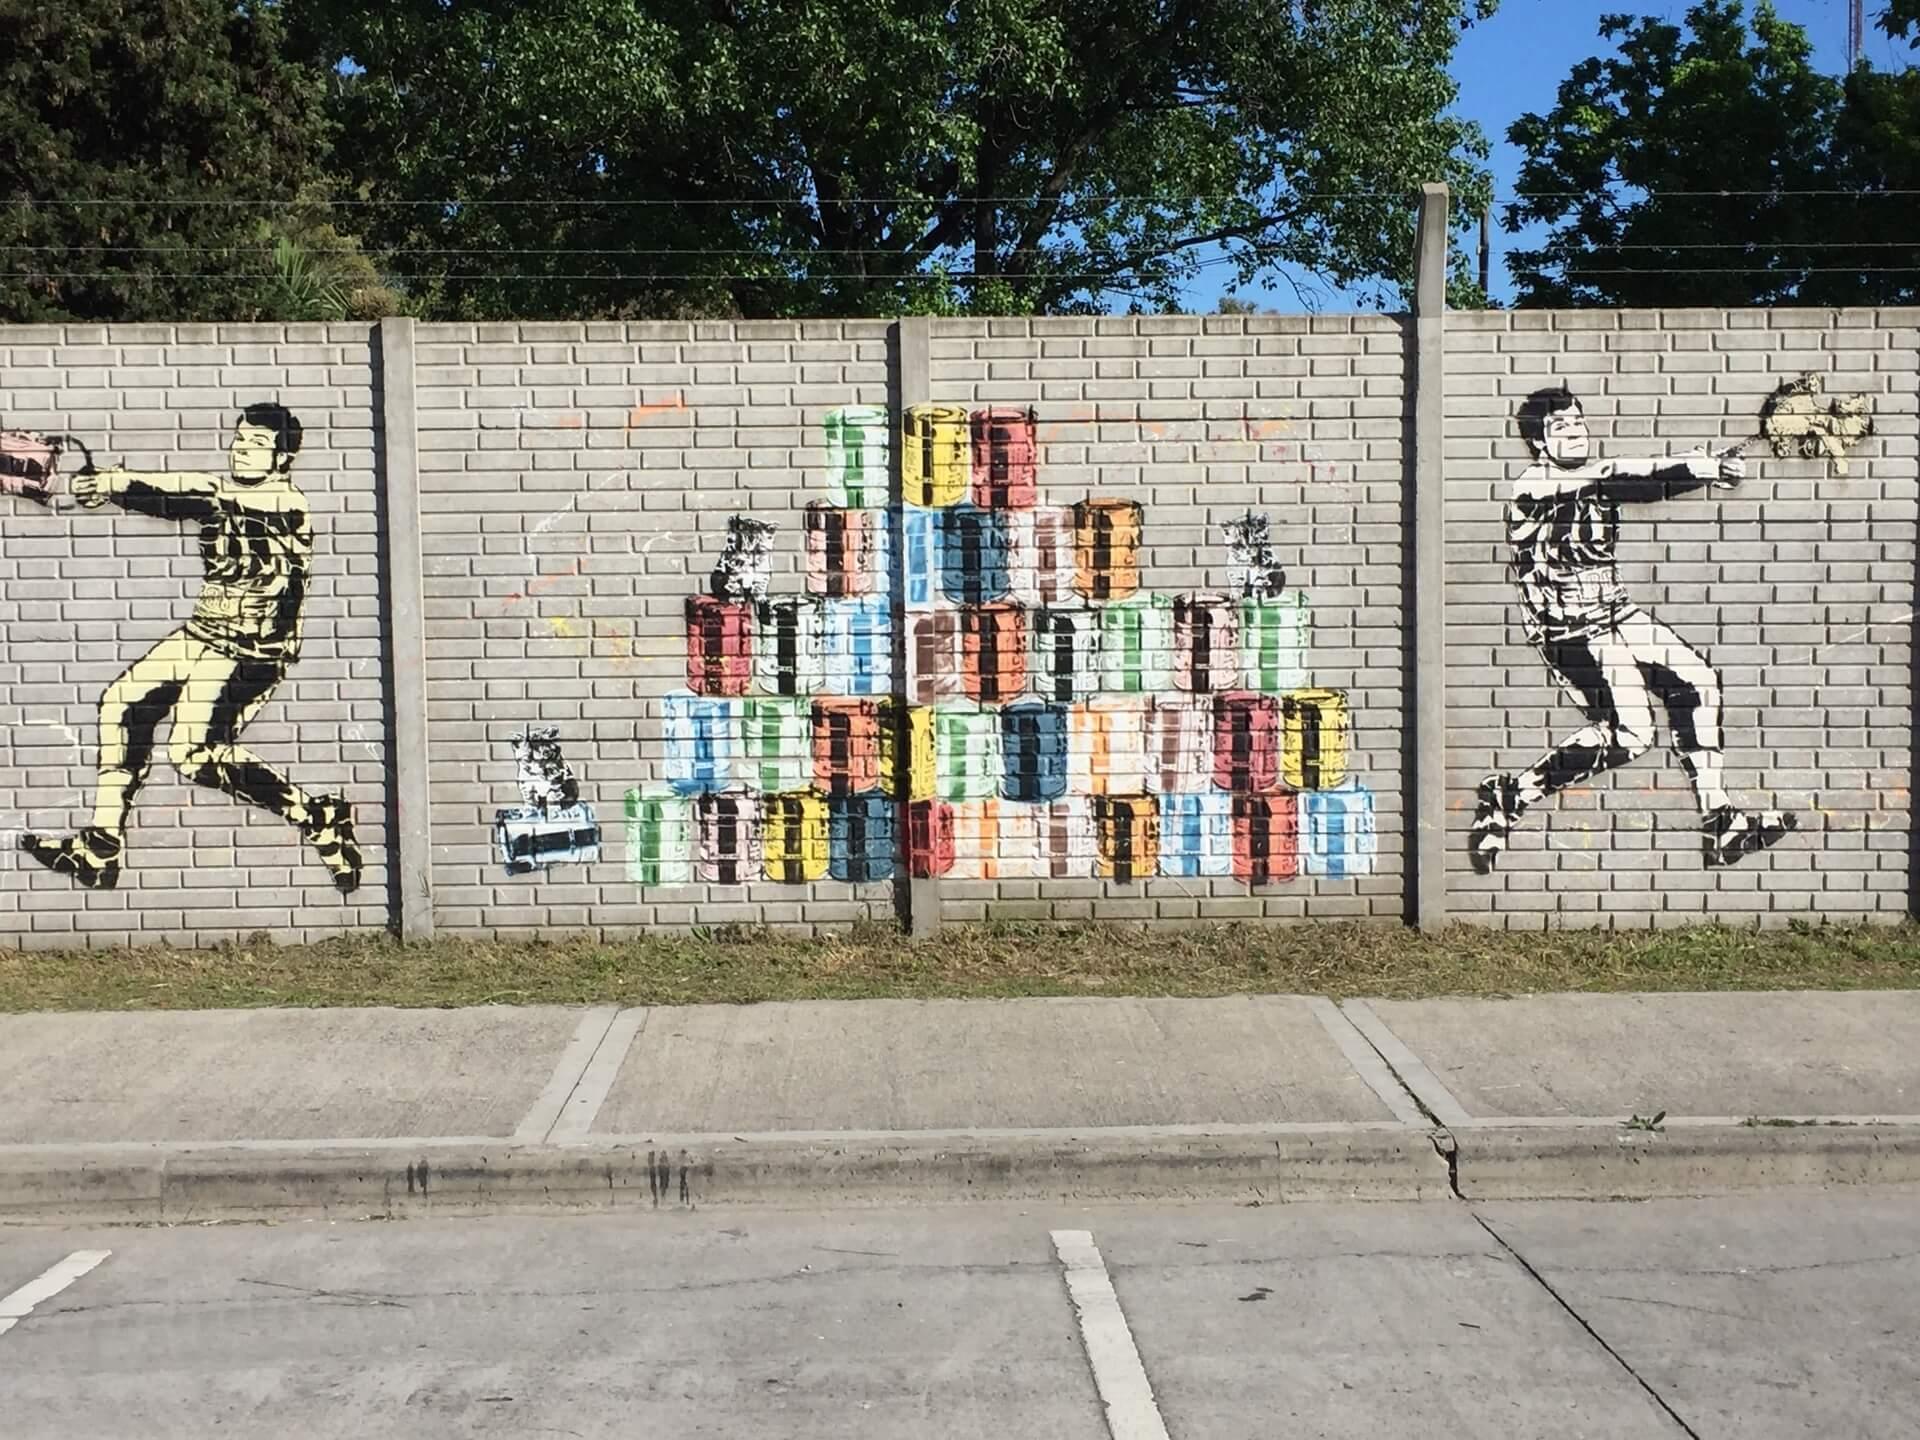 Mural de arte enorme a céu aberto na Tecnópolis. Foto: Fabíola Cordeiro.